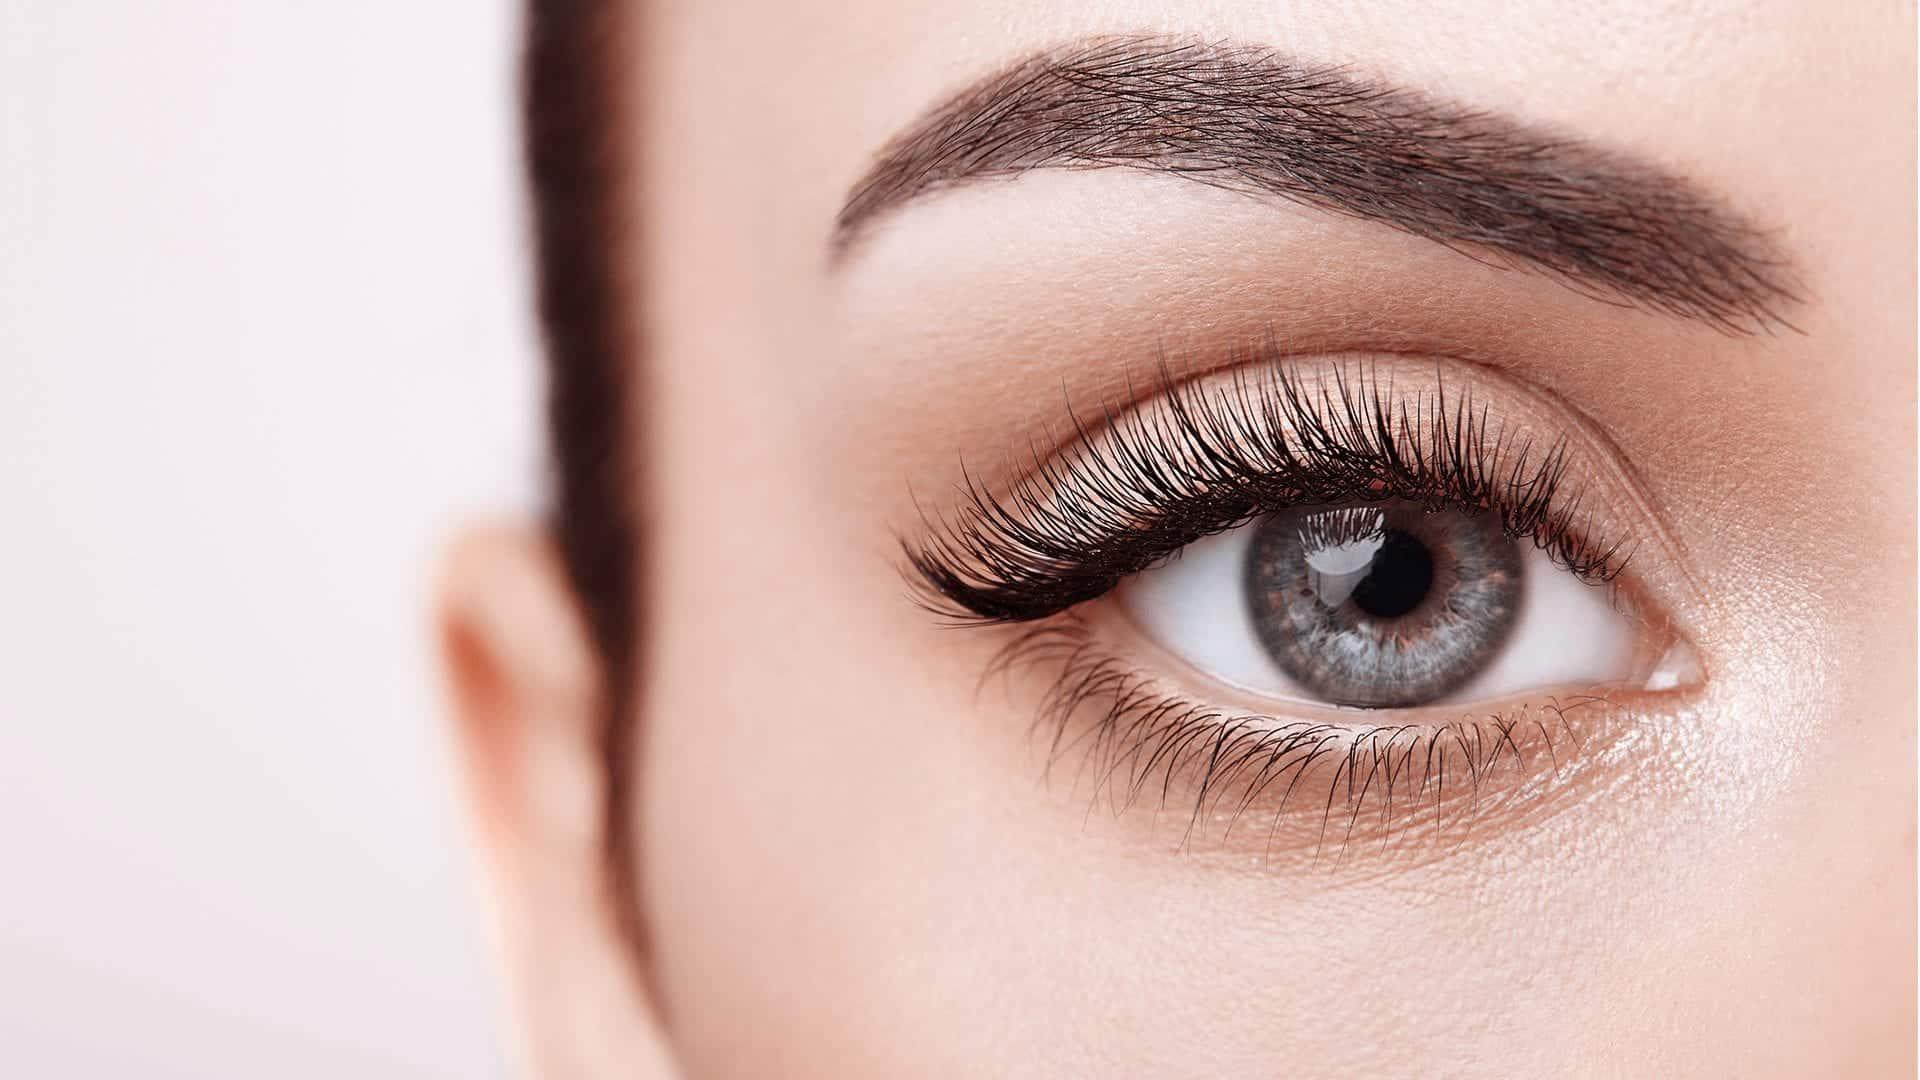 Tipos de sobrancelhas- Vem descobrir qual é o tipo ideal para o seu rosto